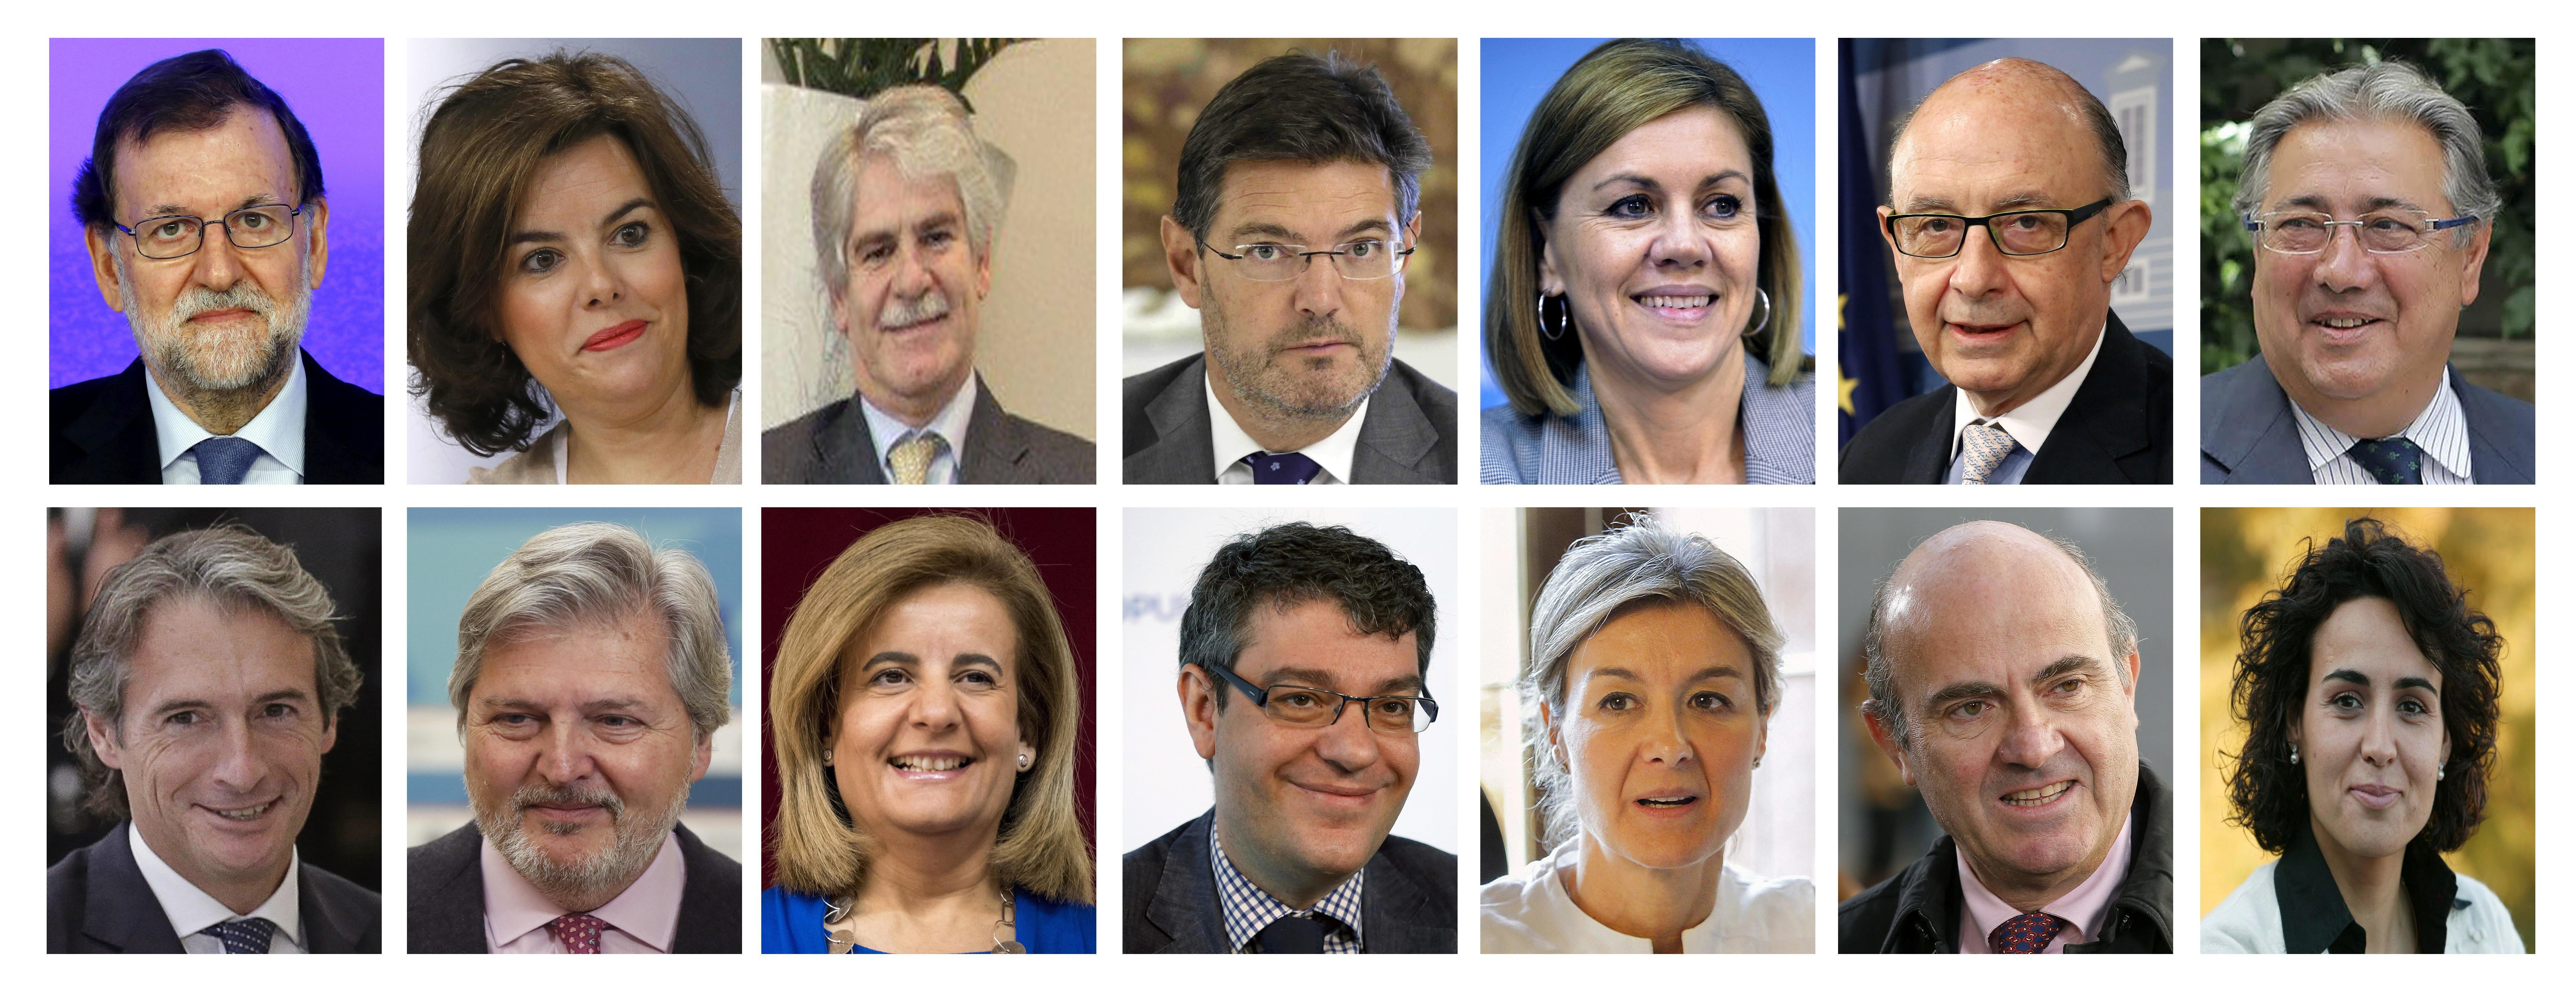 Rajoy nombra un gobierno con seis nuevos ministros for Ministros del gobierno